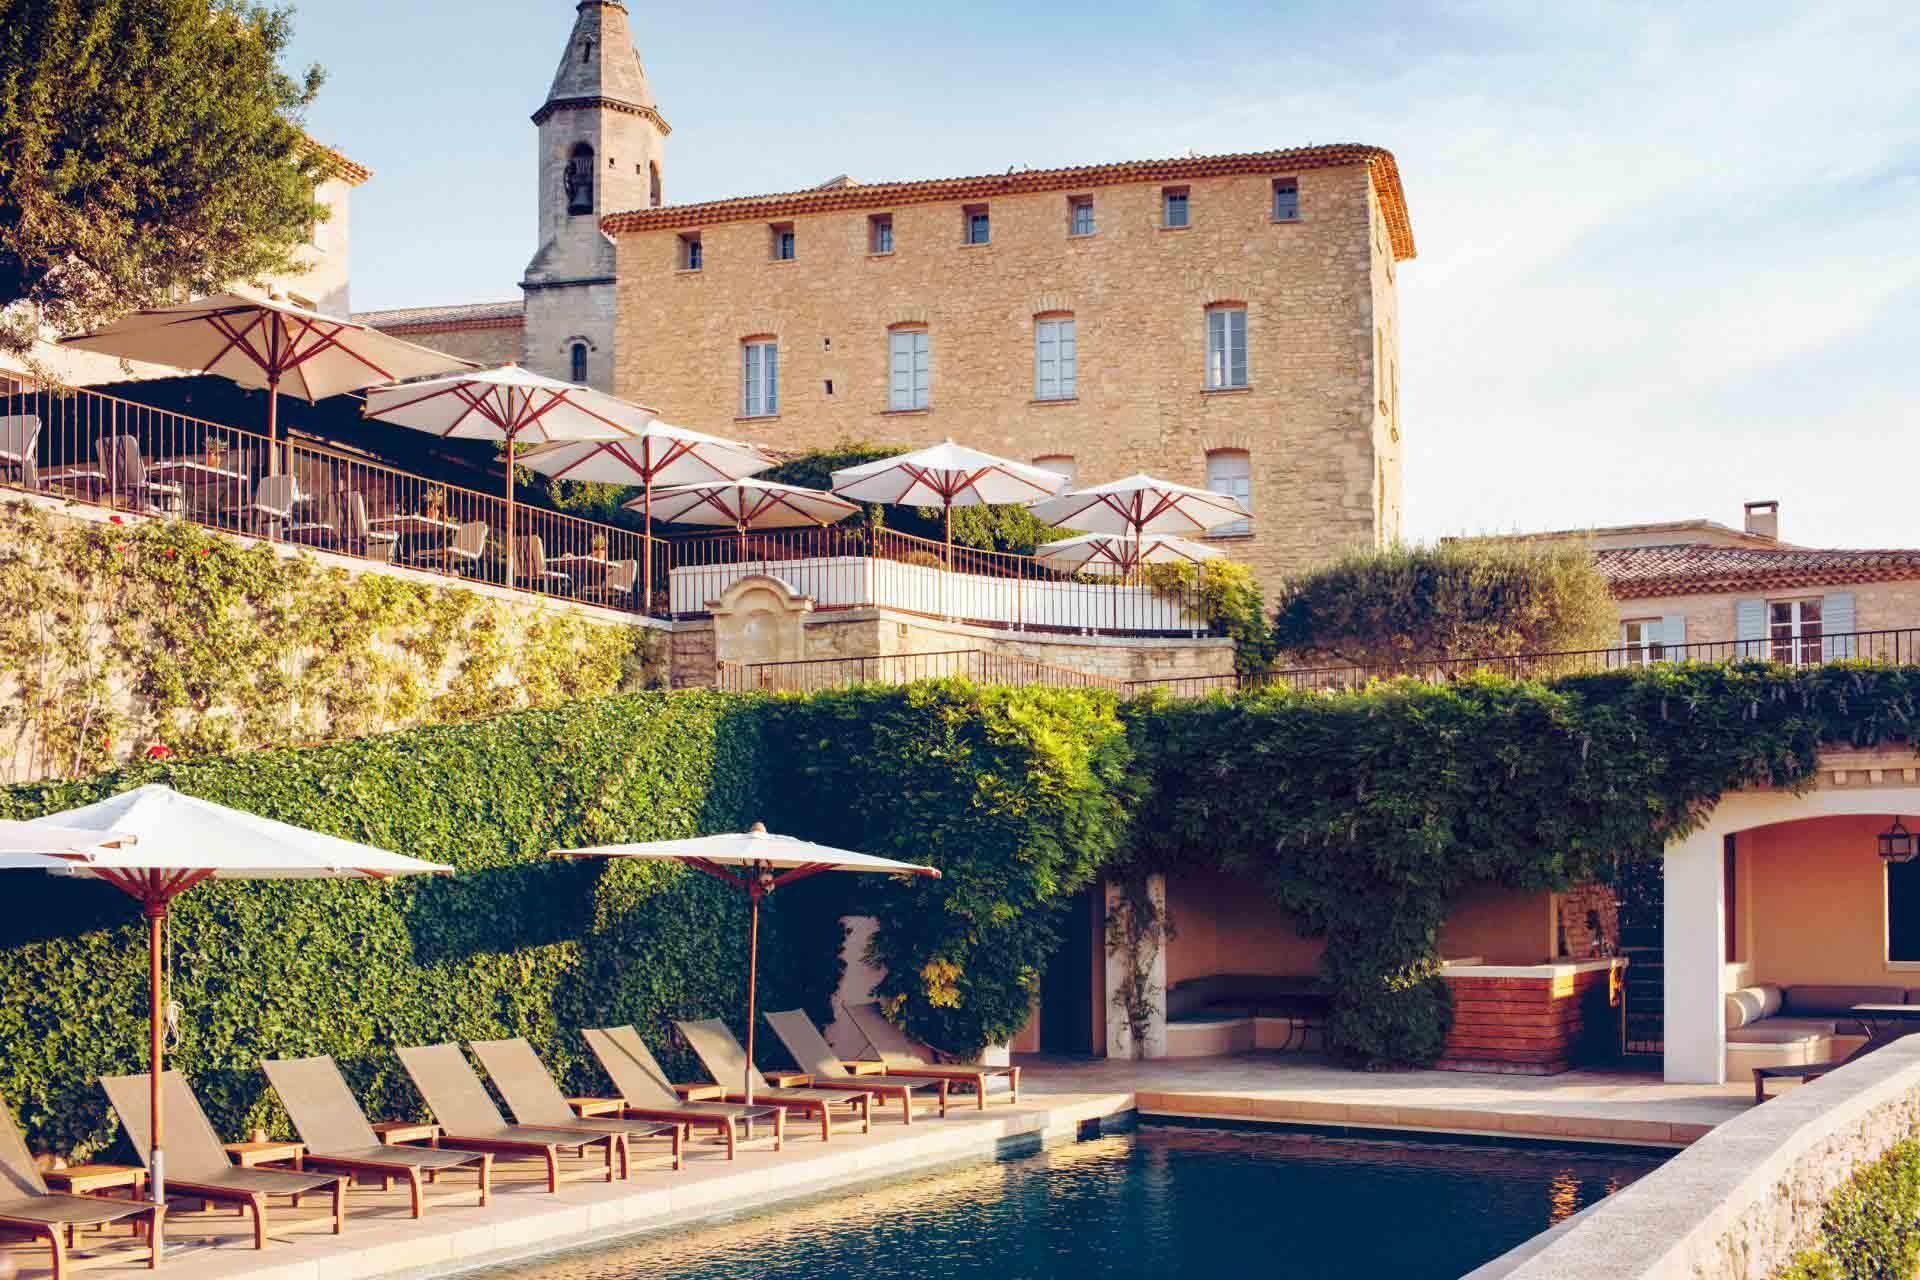 La piscine de l'hôtel Crillon Le Brave © Matthieu Salvaing